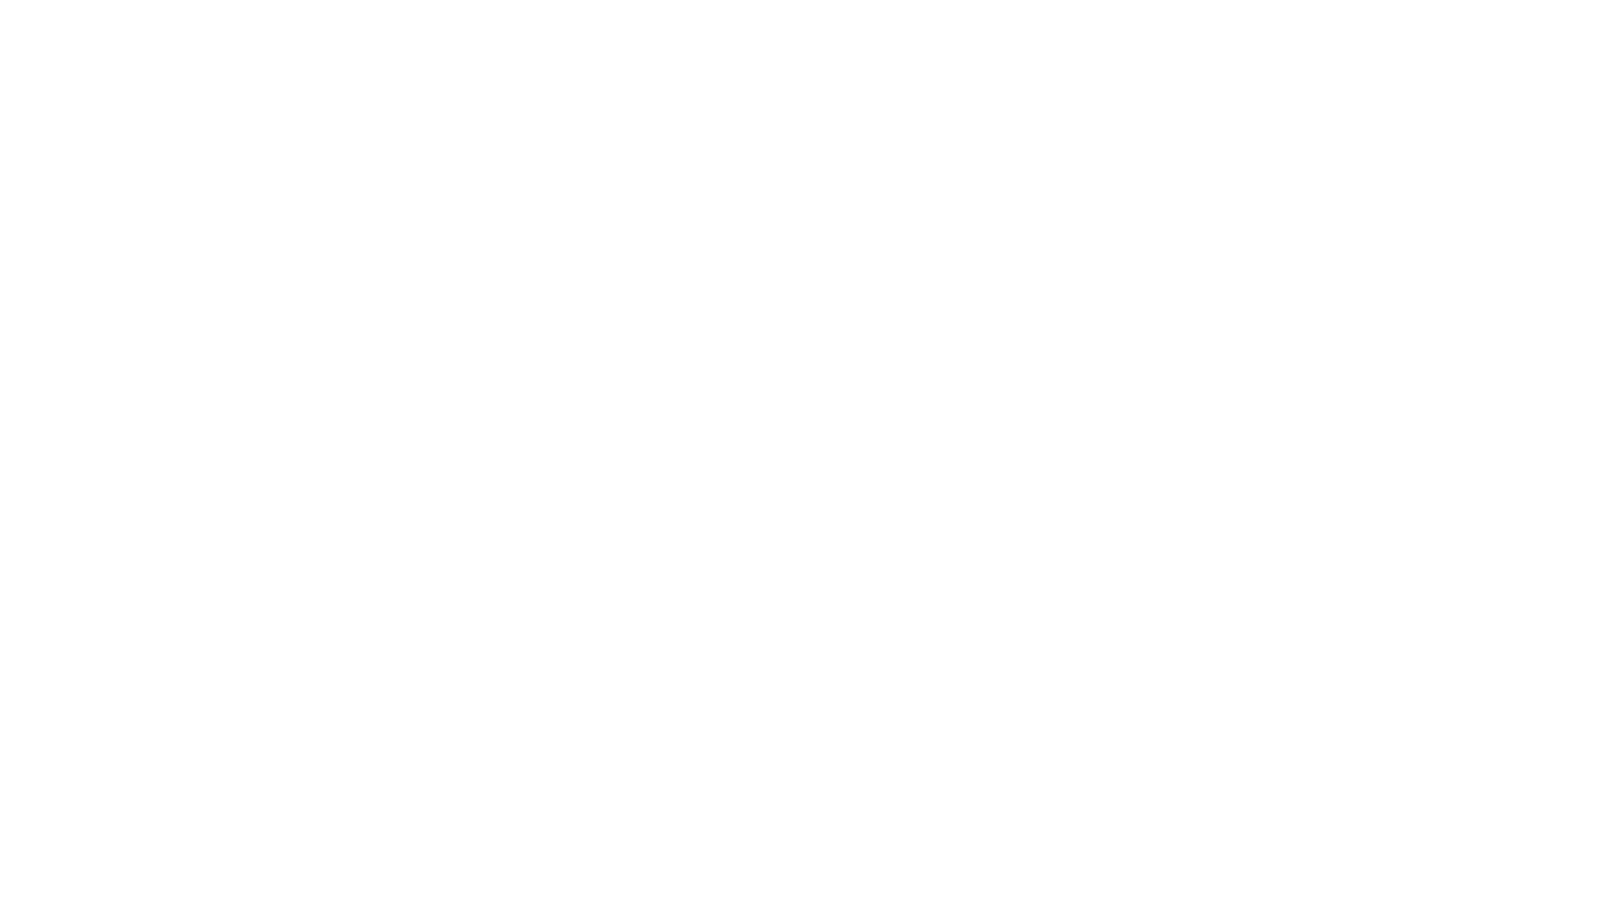 Maestro Vitta rege Darius Milhaud, Concerto pour Batterie petit Orchestre, solista: Wendel Brandão.  Concerto realizado no Festival Eleazar de Carvalho em 2019 / Teatro Celina Queiroz, UNIFOR. Orquestra do Festival Eleazar de Carvalho (professores) com o Solista Wendel Brandão na percussão. Música Contemporânea. Regência: Maestro Rodrigo Vitta  Site Vitta: https://www.rodrigovitta.com.br Site Escola Studio Vitta: https://studiovitta.com.br  Link do vídeo https://youtu.be/Z8-TJ1Xj3fM